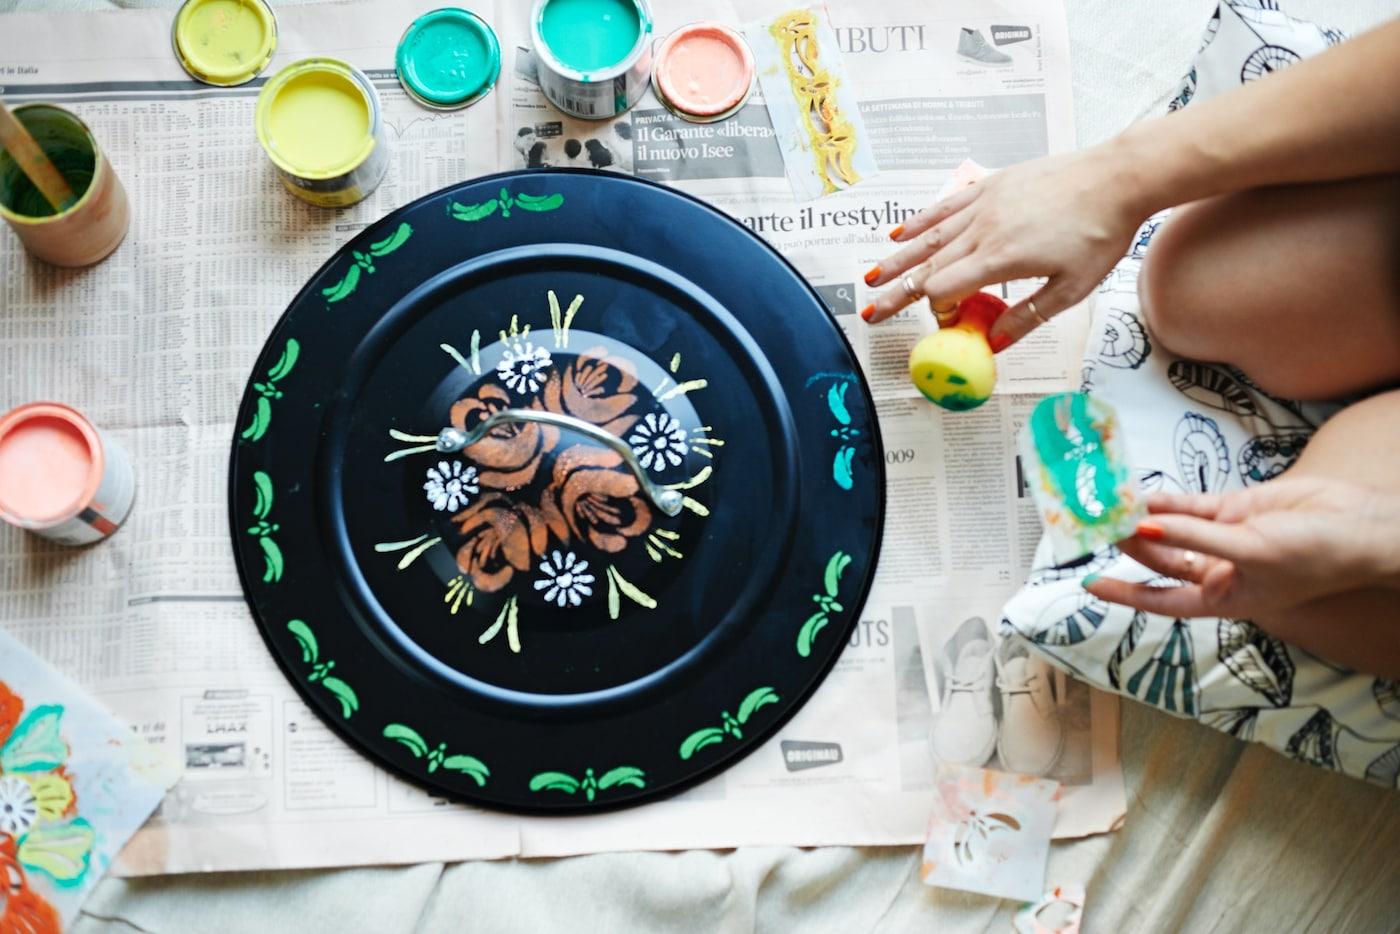 Persona decorando con colores la tapa de un cubo de basura.